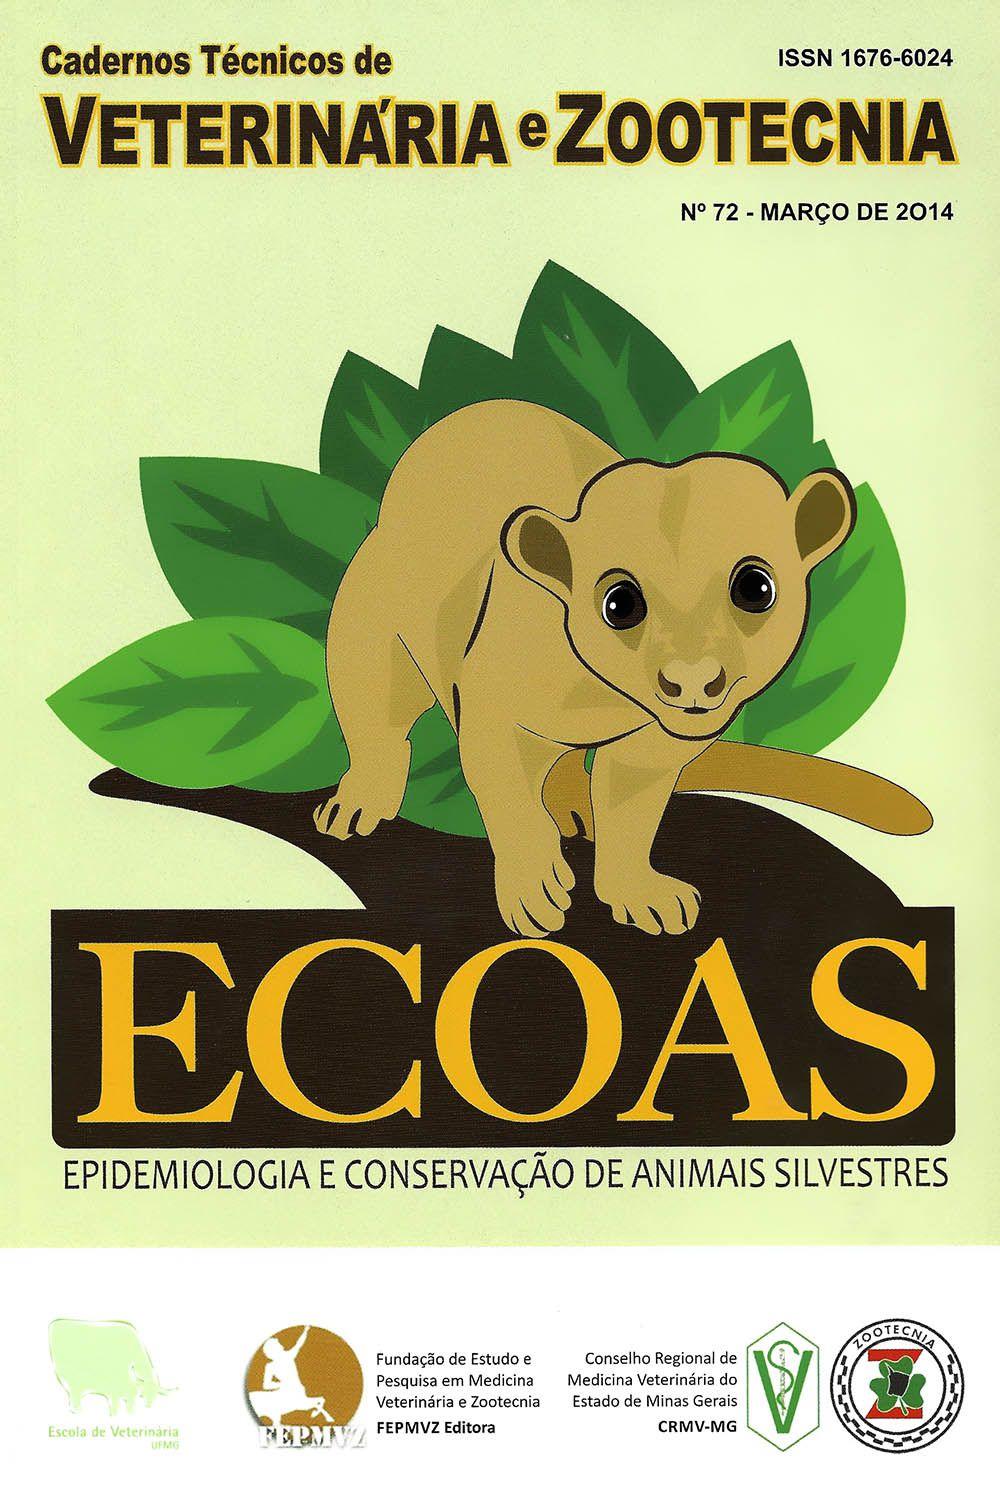 Ecoas - Epidemiologia e Conservação de Animais Silvestres